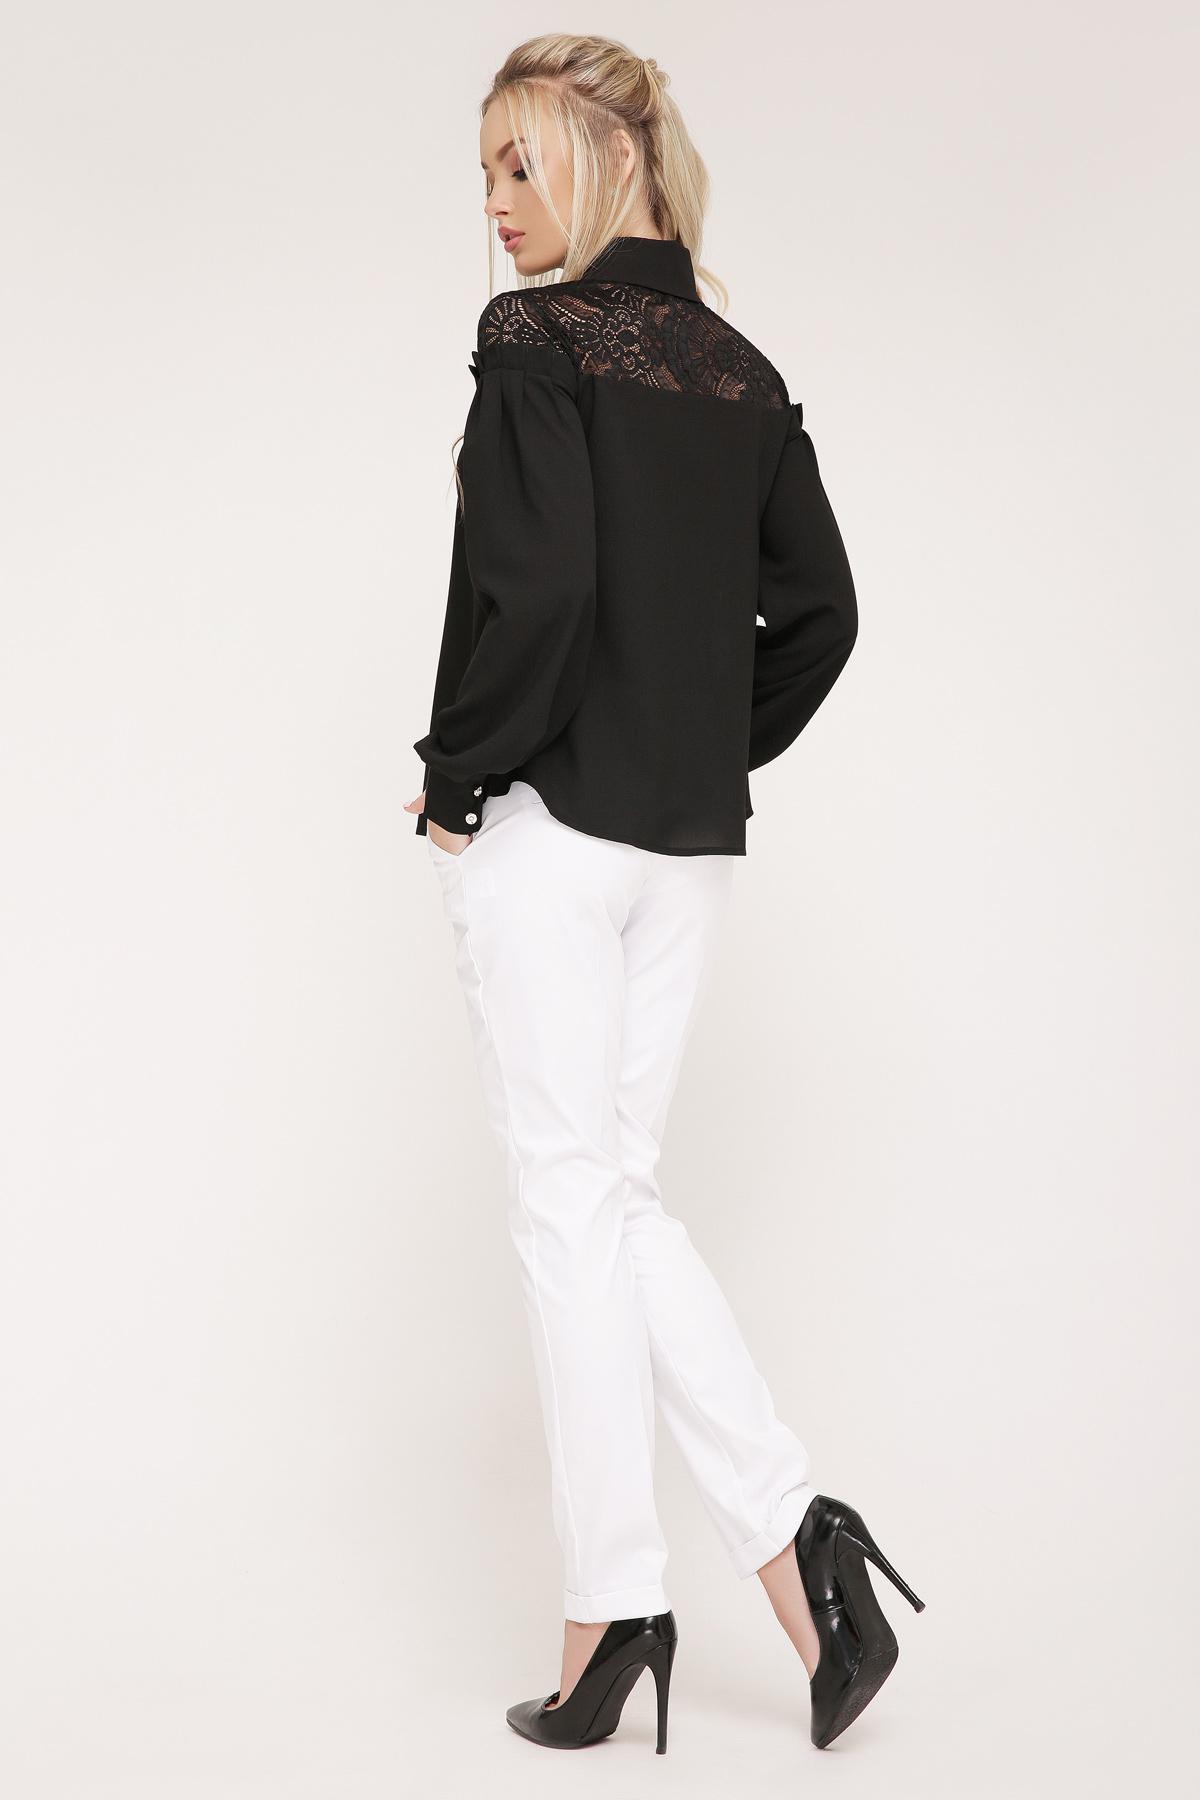 2d467842760 Цвет  черный купить  свободная блузка черного цвета. блуза Джустина д р.  Цвет  черный цена